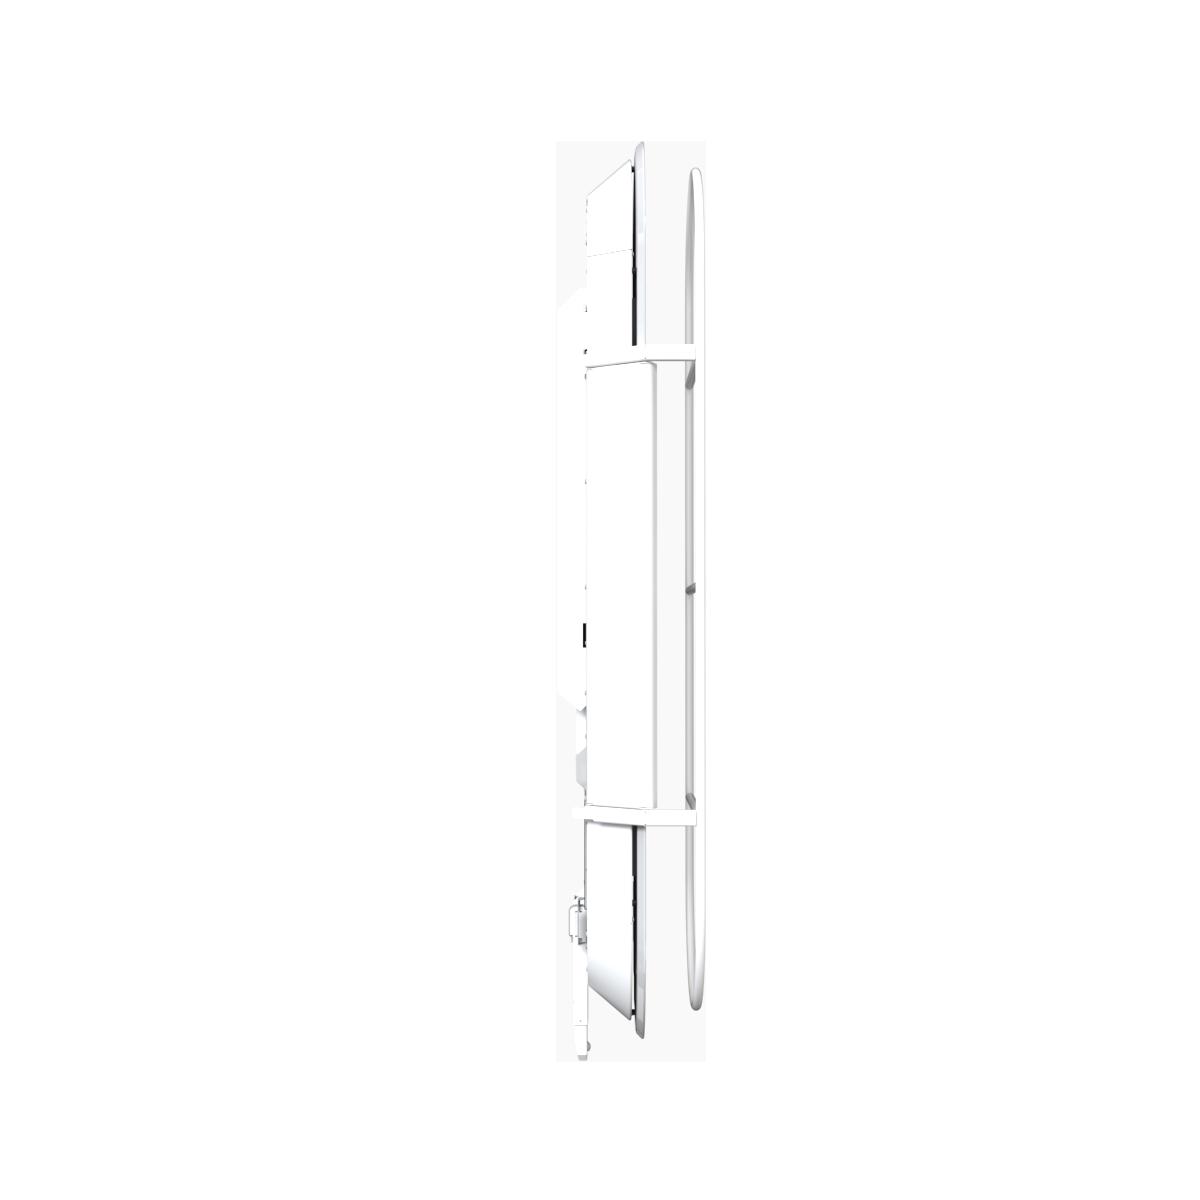 Image 4vision 360 degrés du produit CAMPASTYLE HOLIDAY 3.0